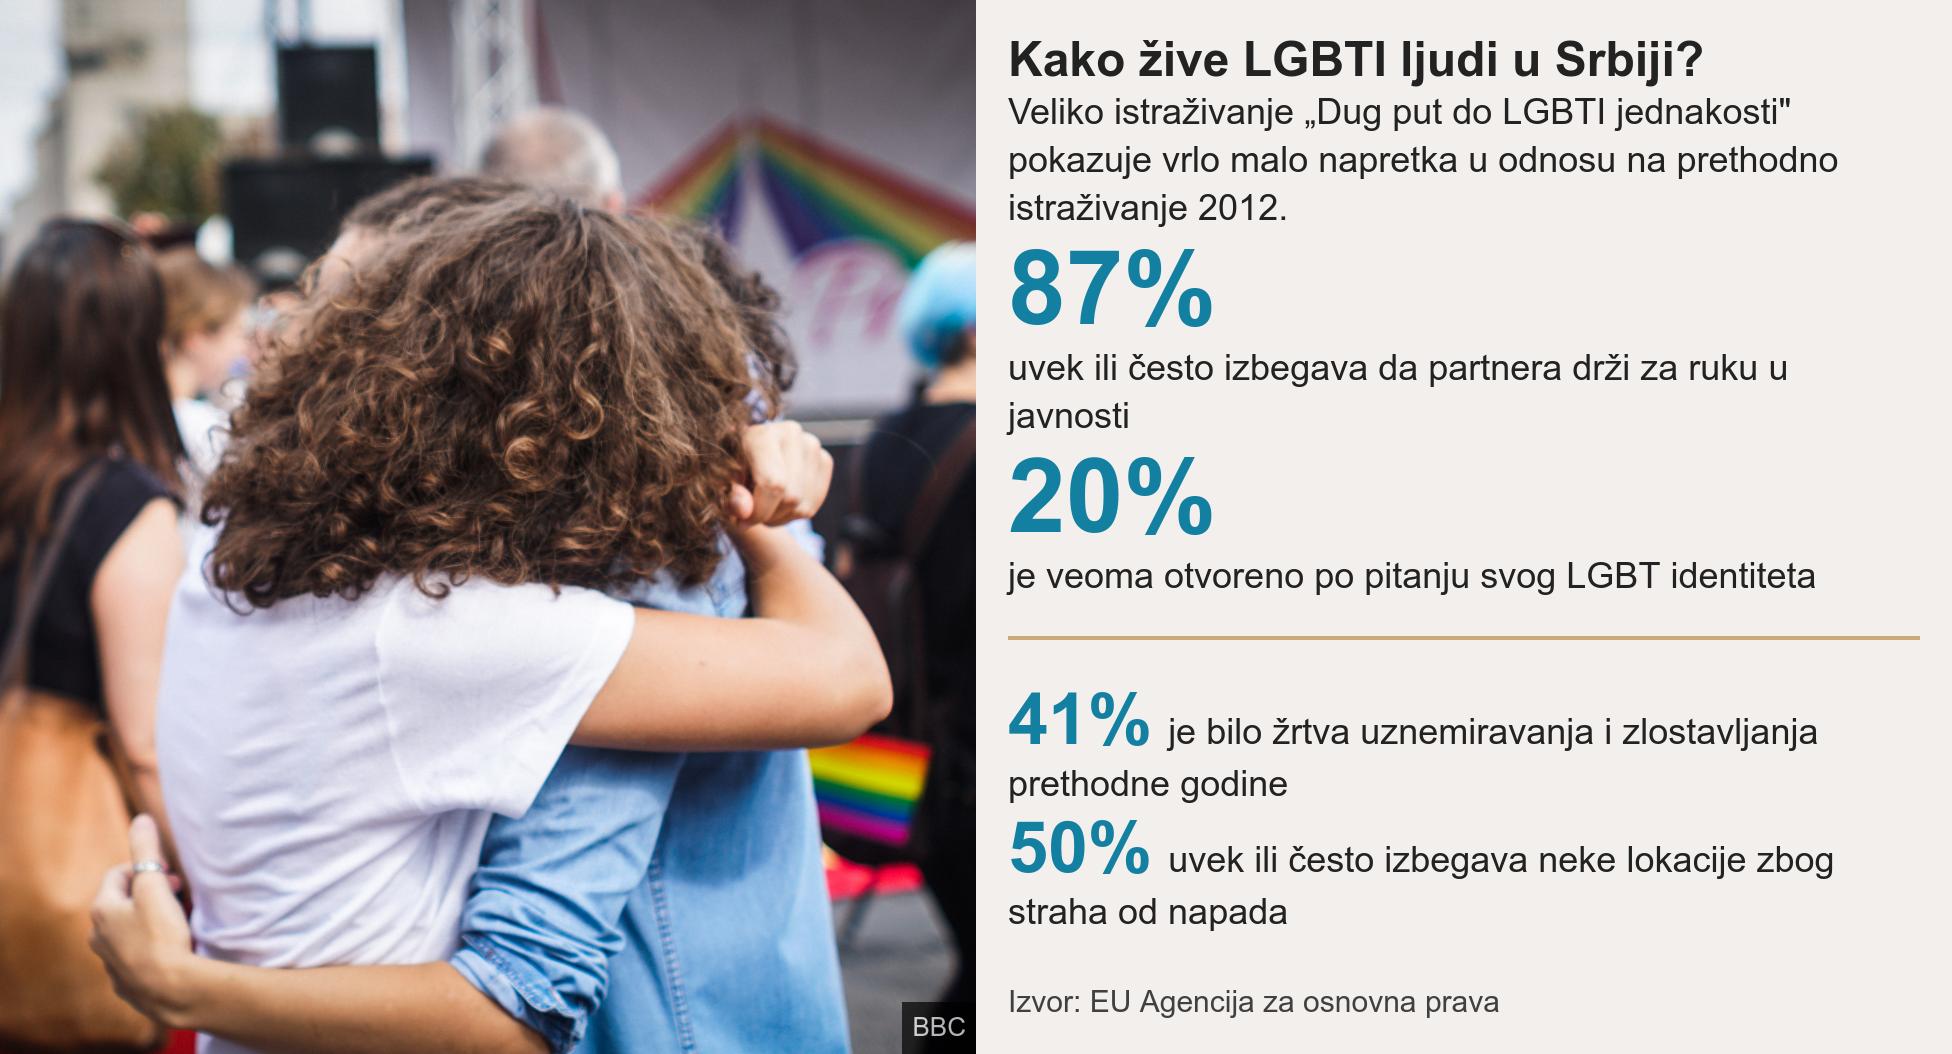 istraživanje o položaju LGBT ljudi u Srbiji EU agencija za osnovna prava